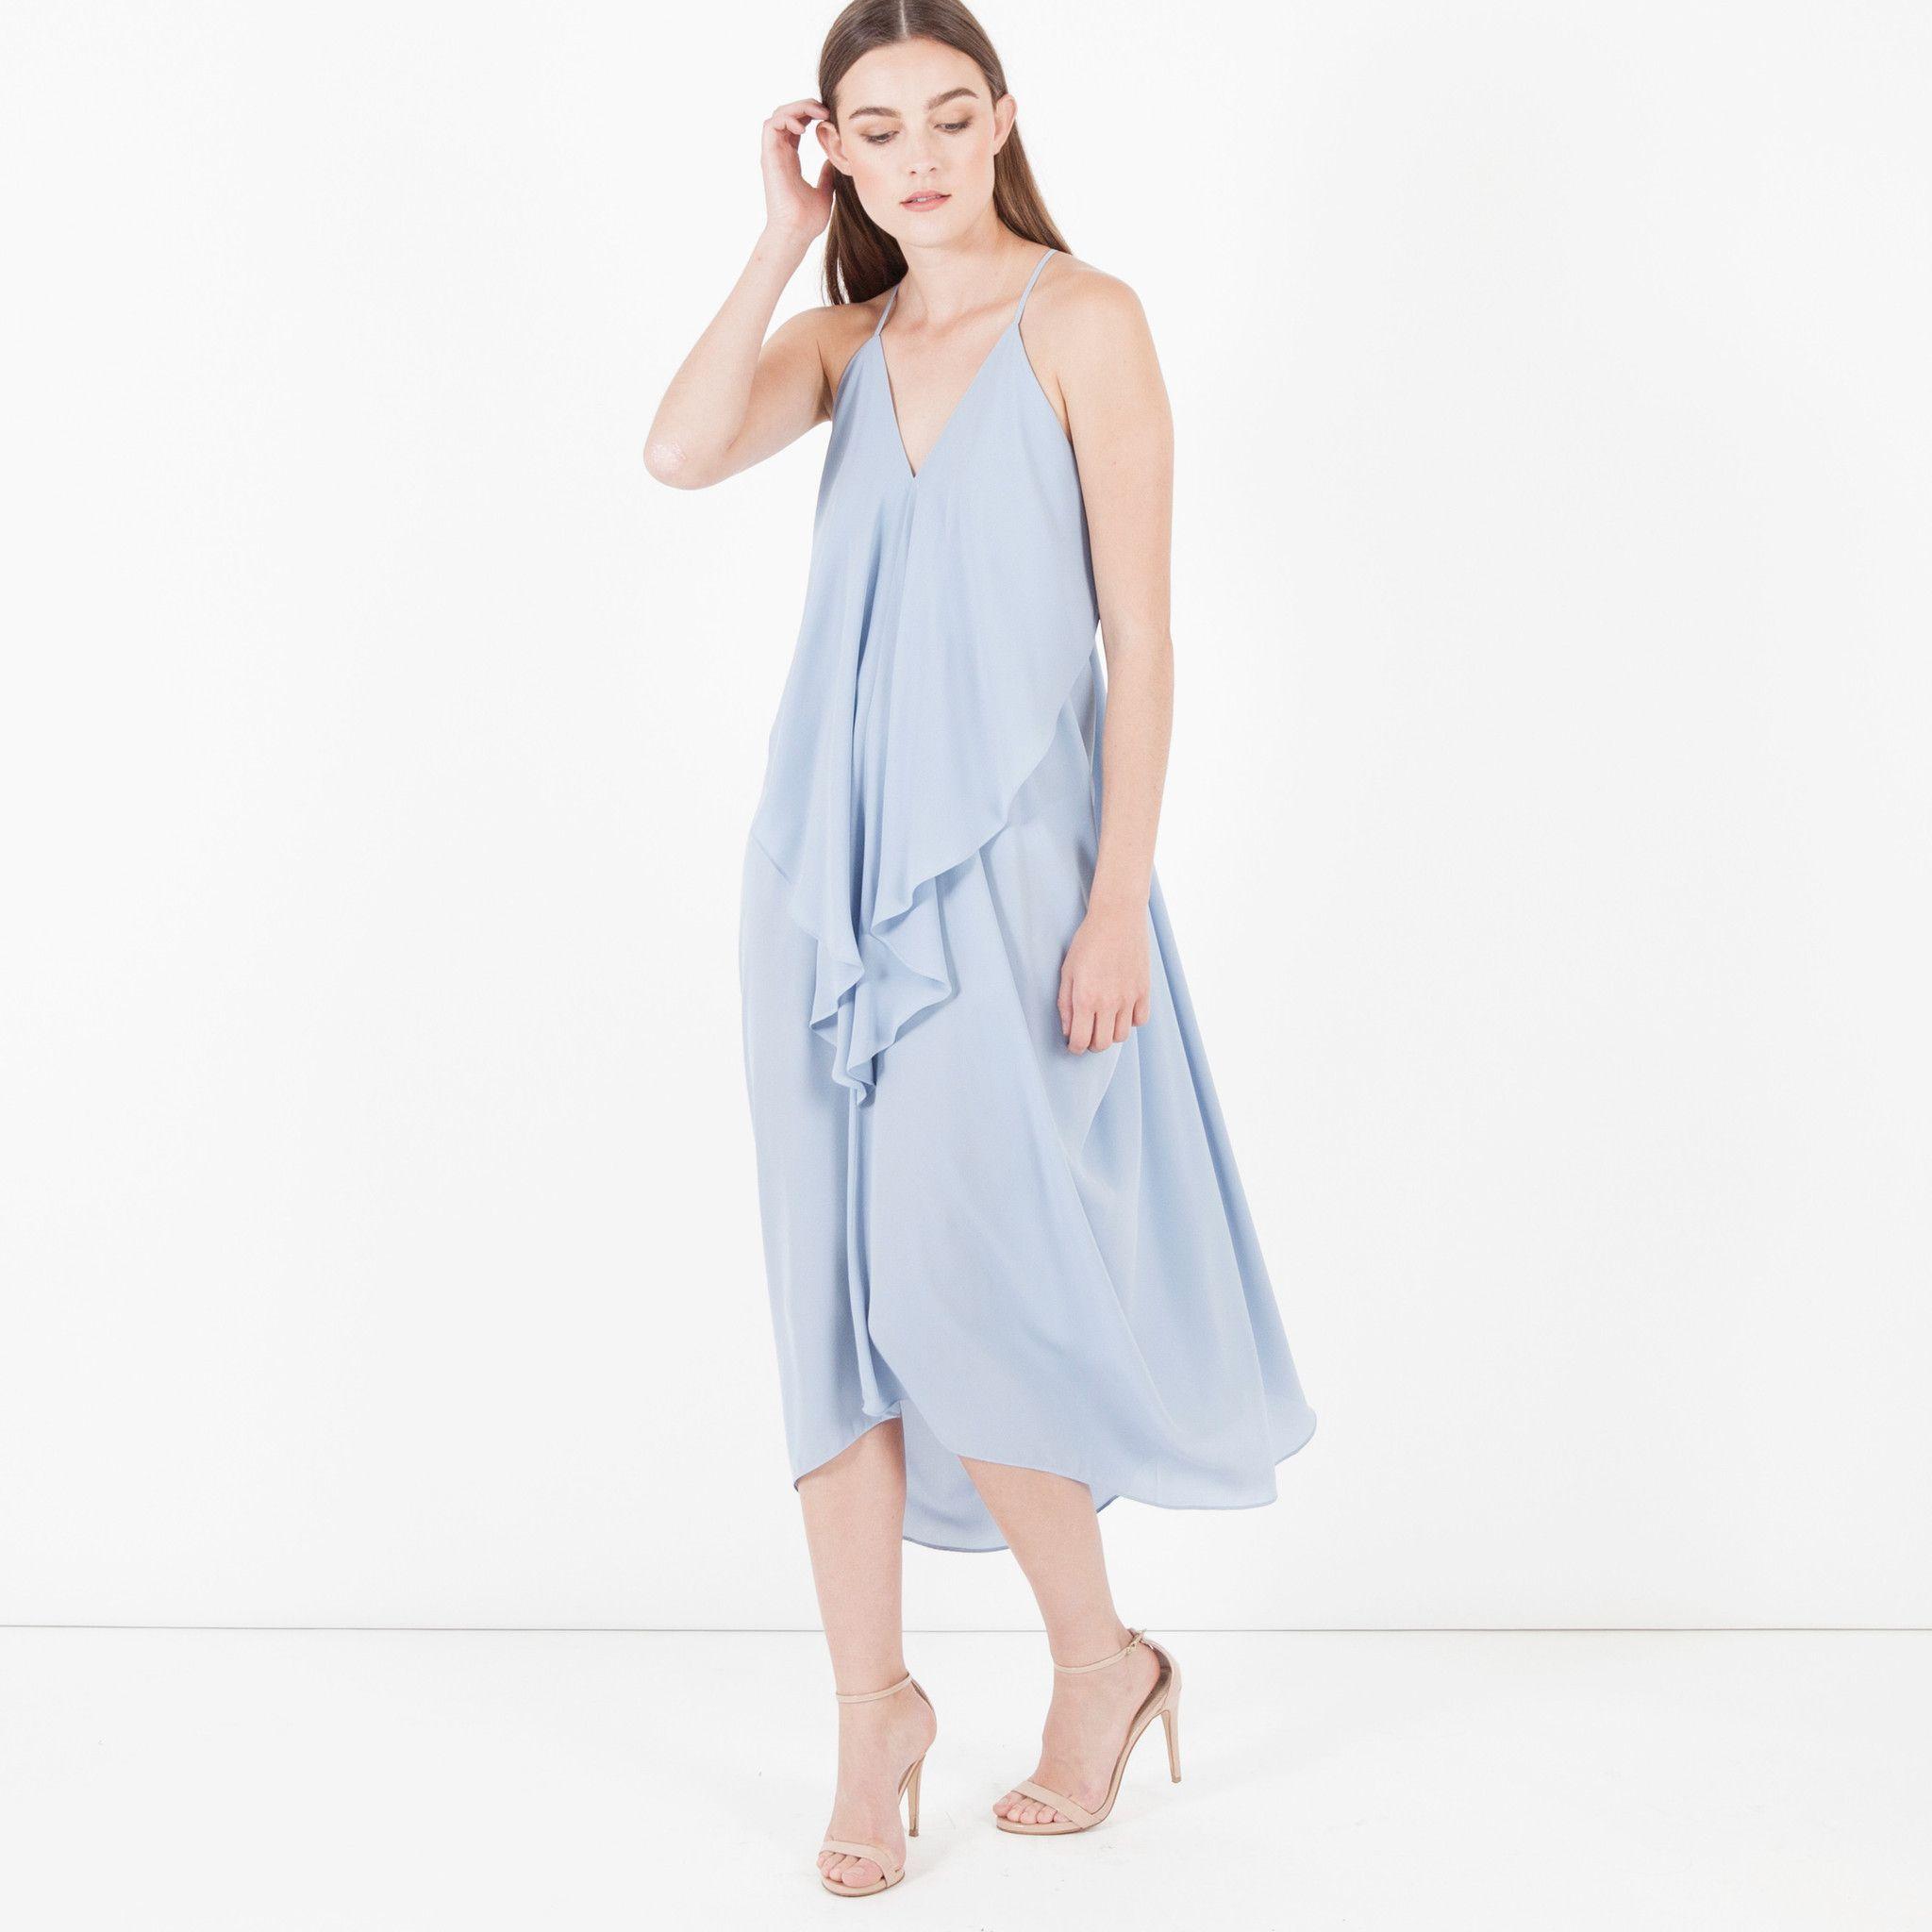 ****GOT THIS**** Modern Citizen  |  Handkerchief Draped Dress (Pale Blue) $88